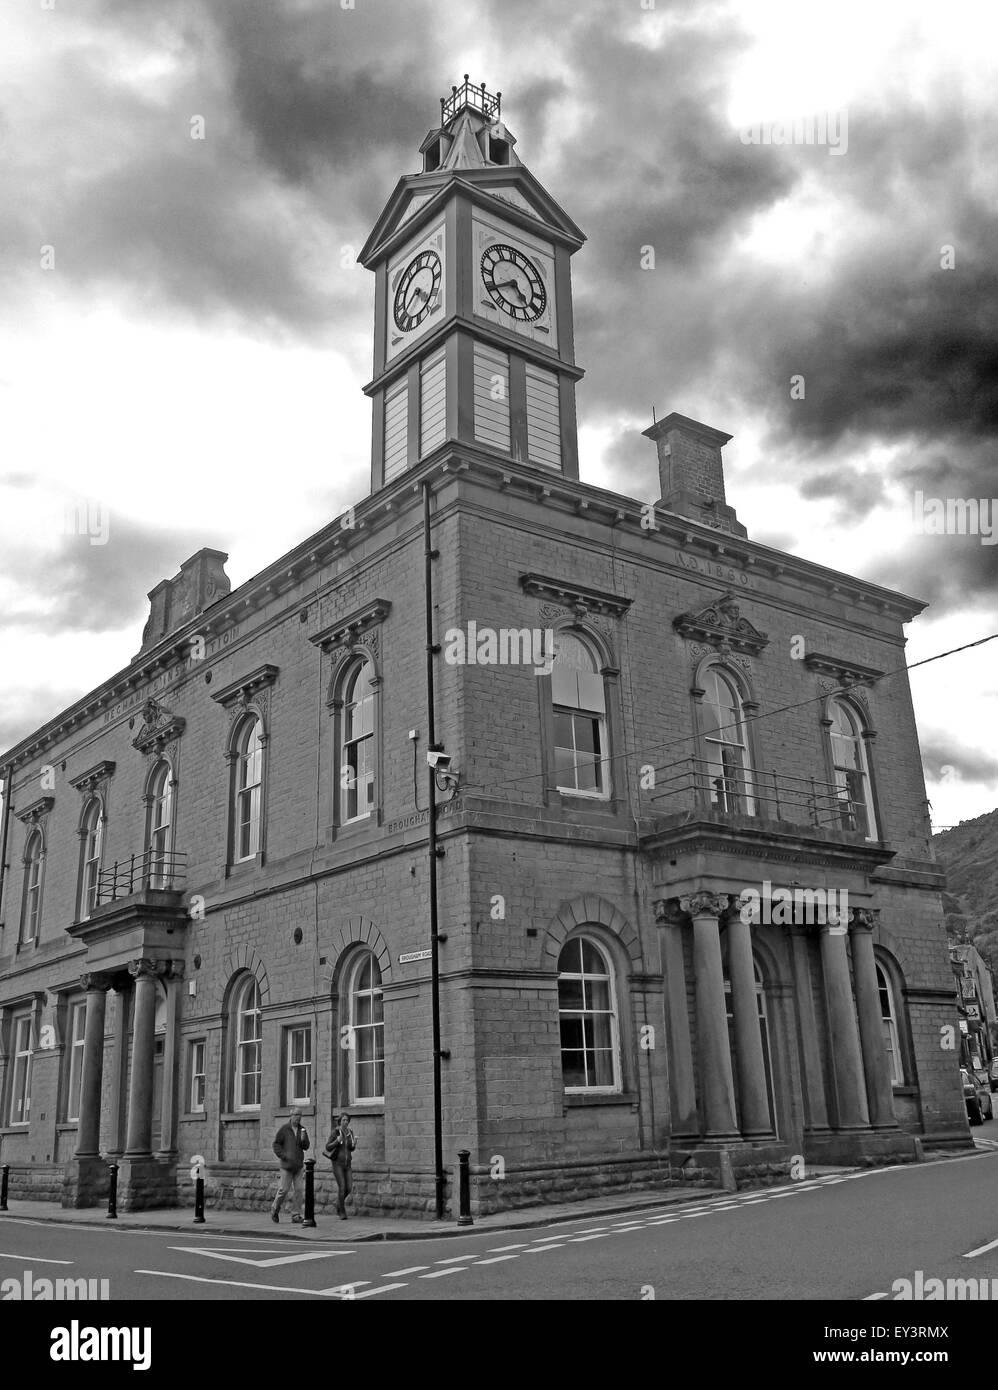 Marsden Mechanics Institute building, Kirklees, West Yorkshire,England,Uk - Stock Image